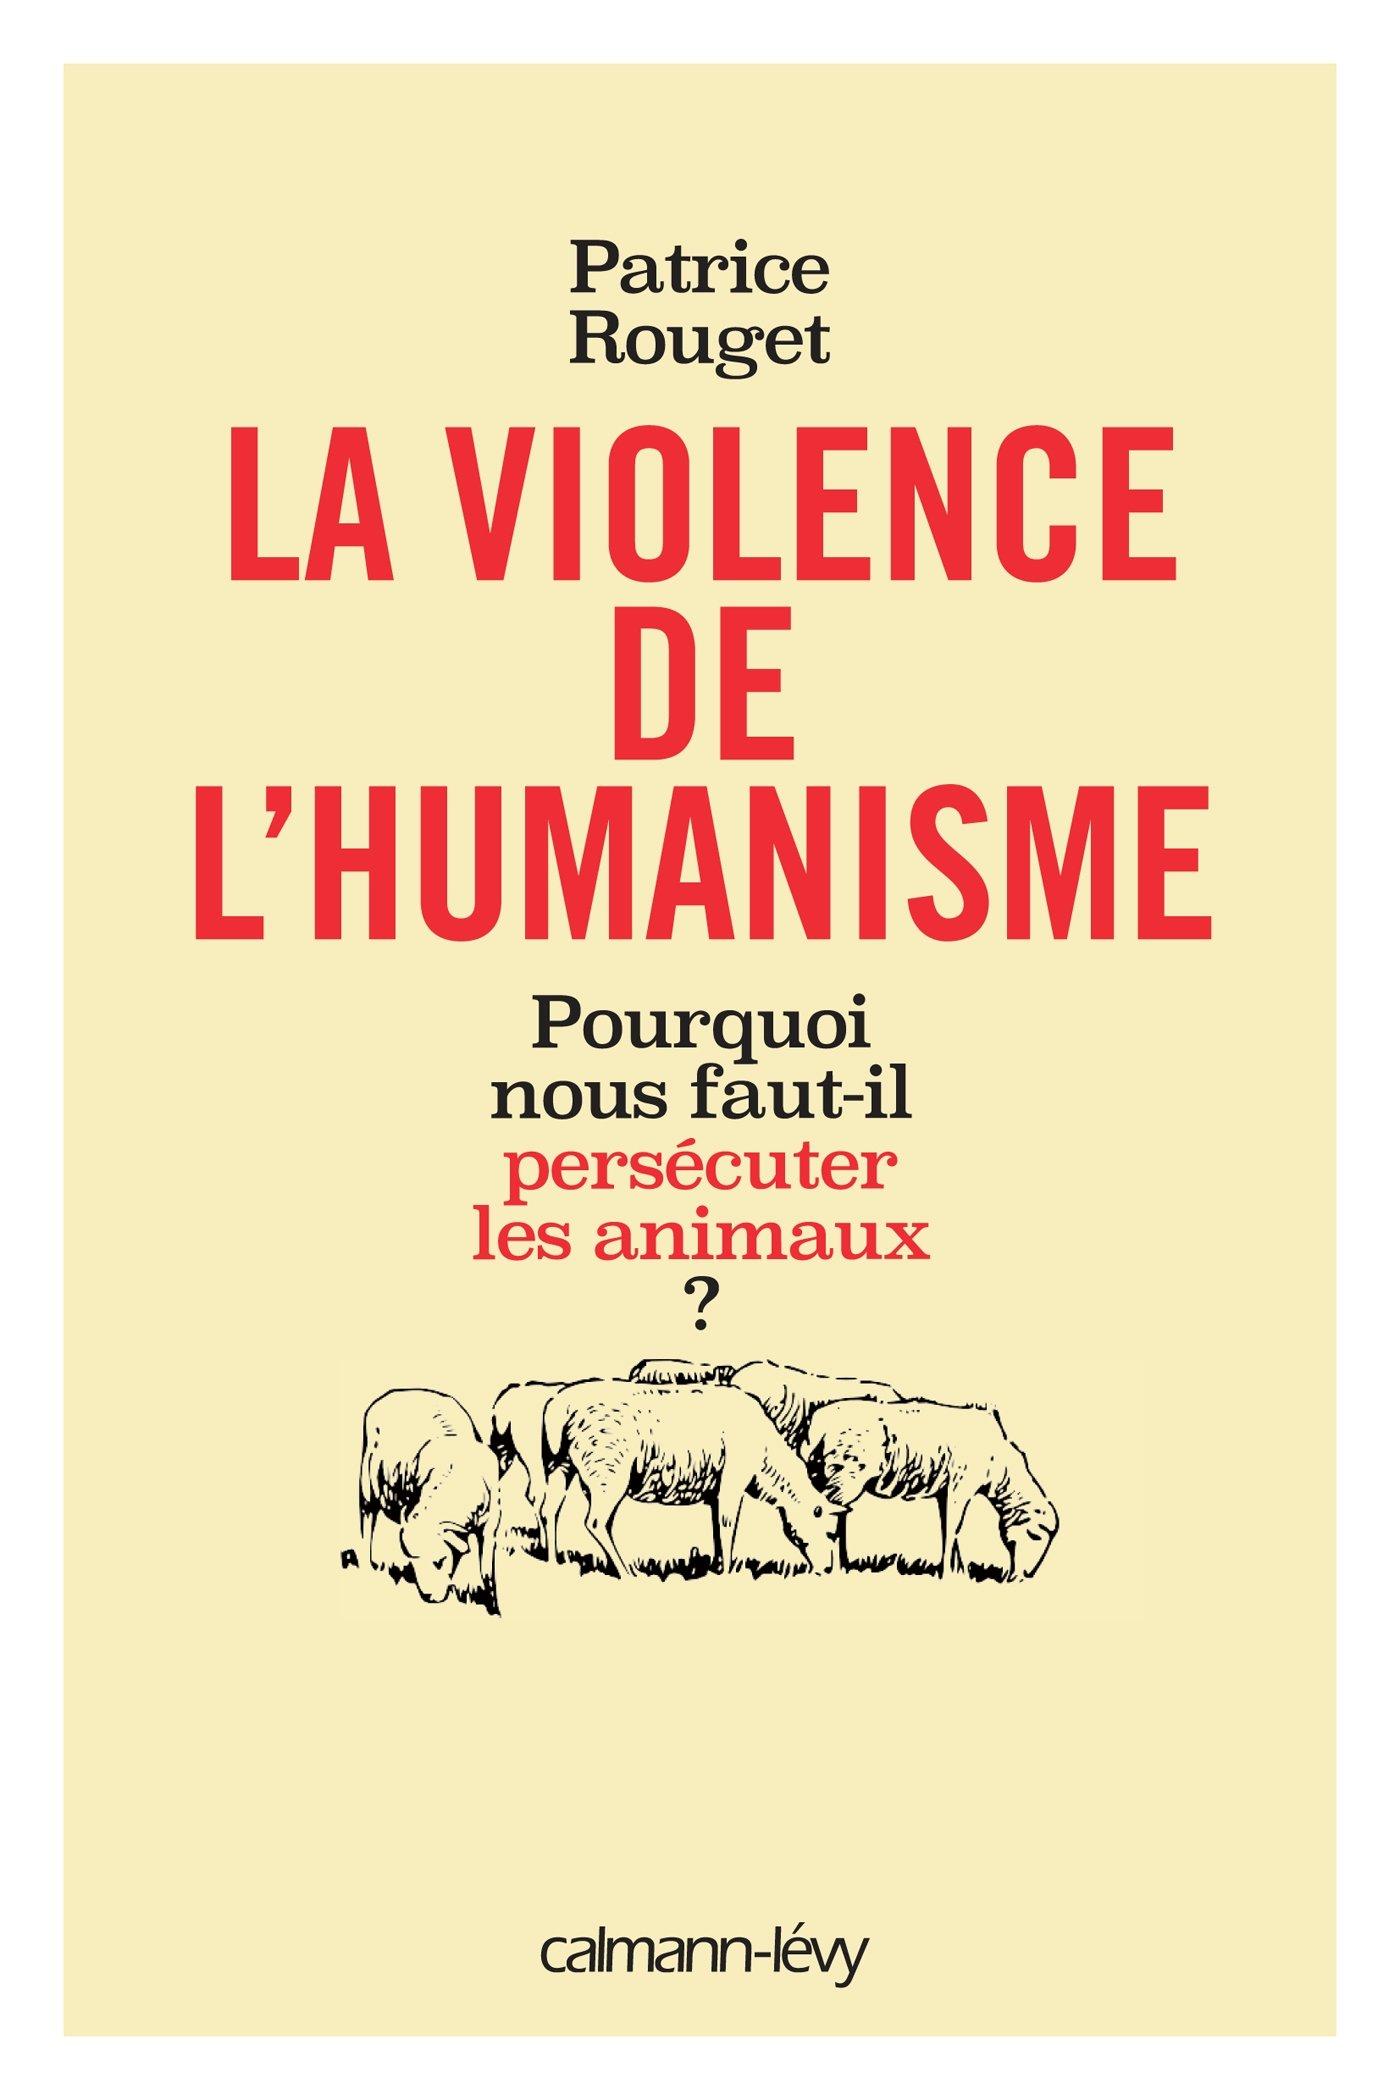 télécharger La Violence de l'humanisme : Pourquoi nous faut-il persécuter les animaux ?